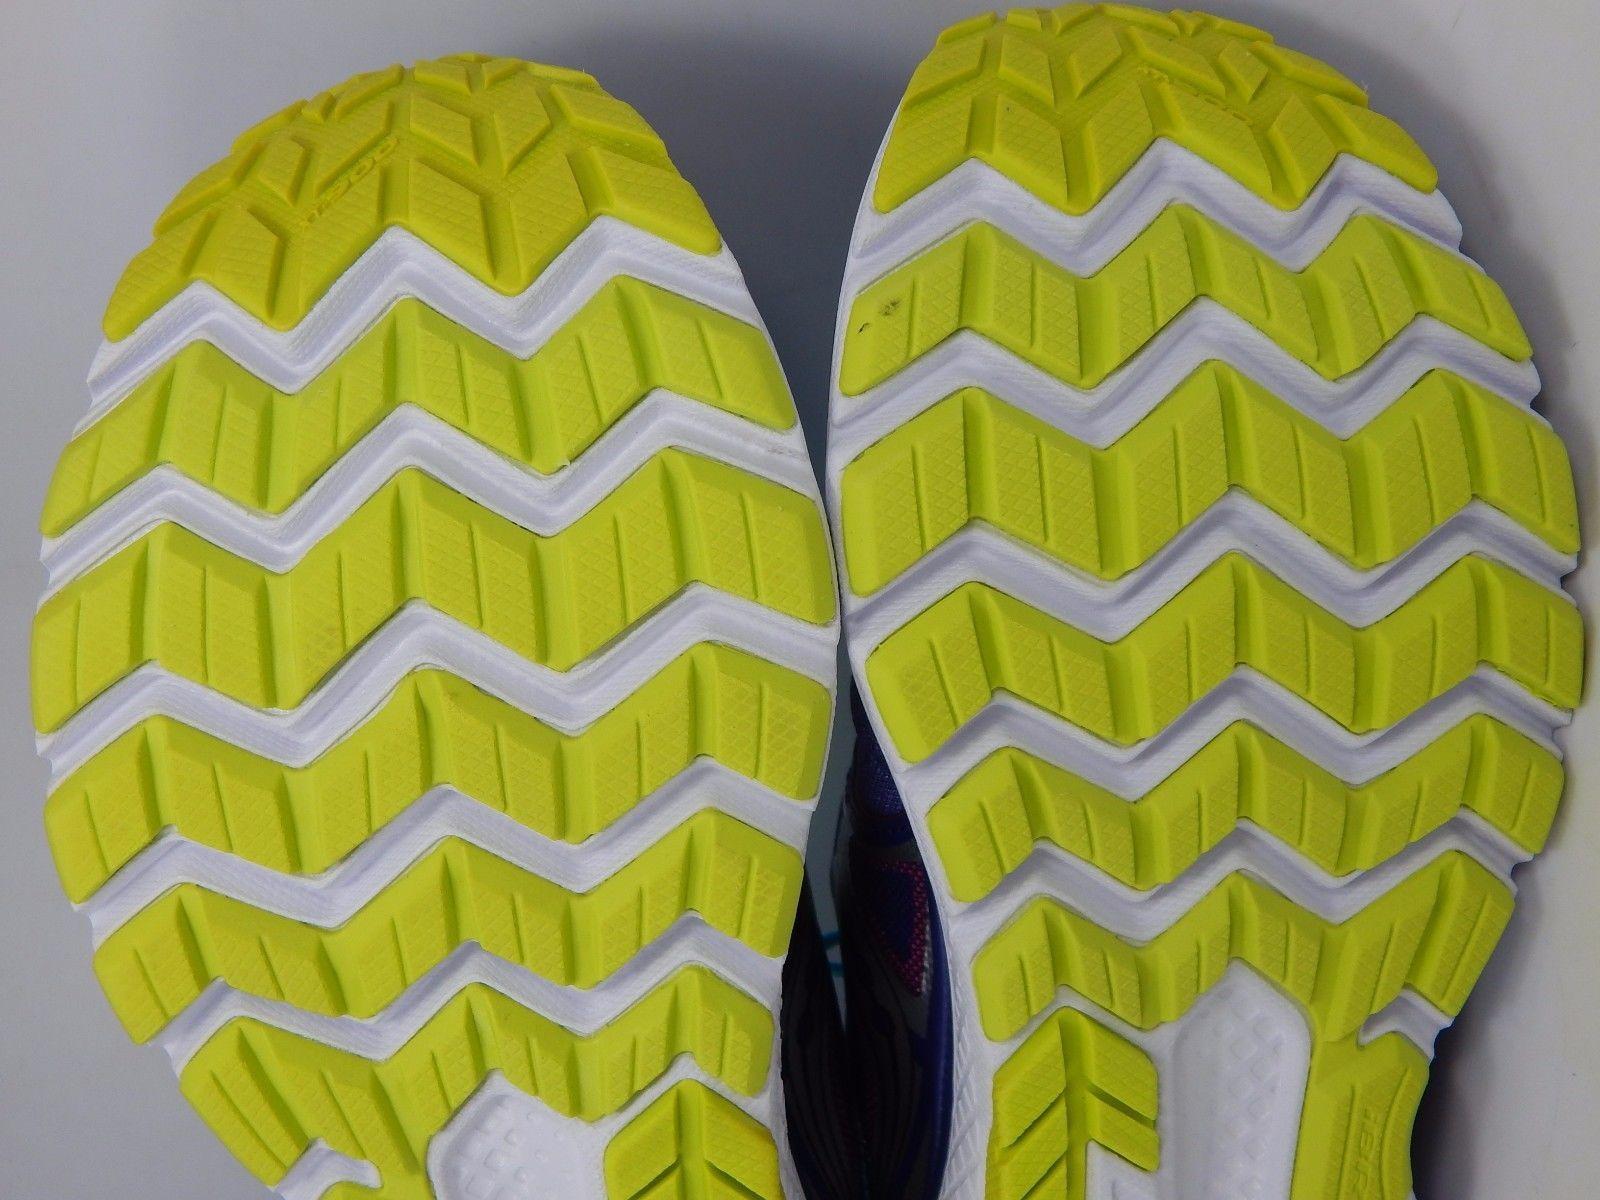 Saucony Triumph ISO 3 Women's Running Shoes Sz US 10 M (B) EU 42 Purple S10346-1